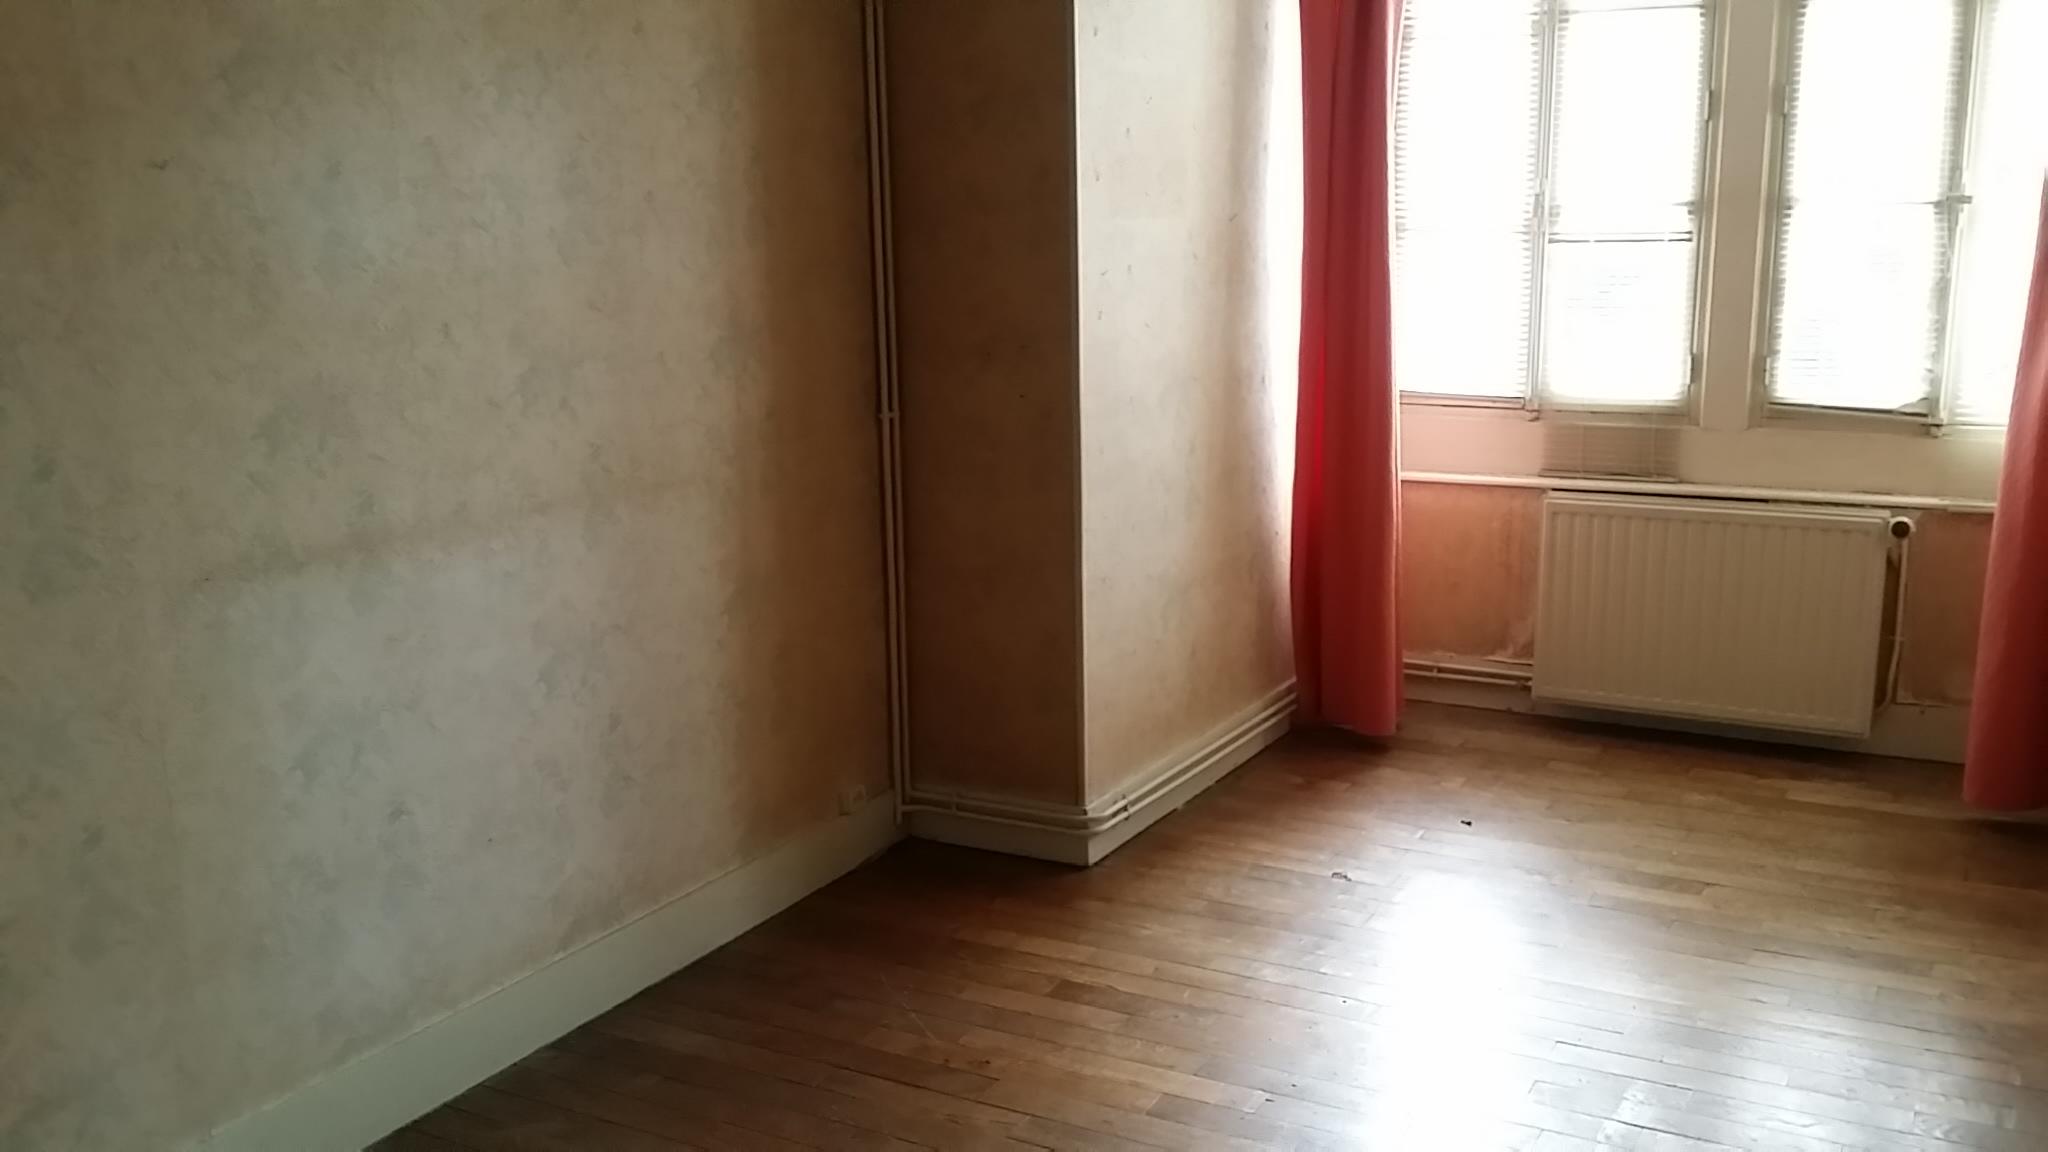 la pièce est vide et les visites peuvent commencer